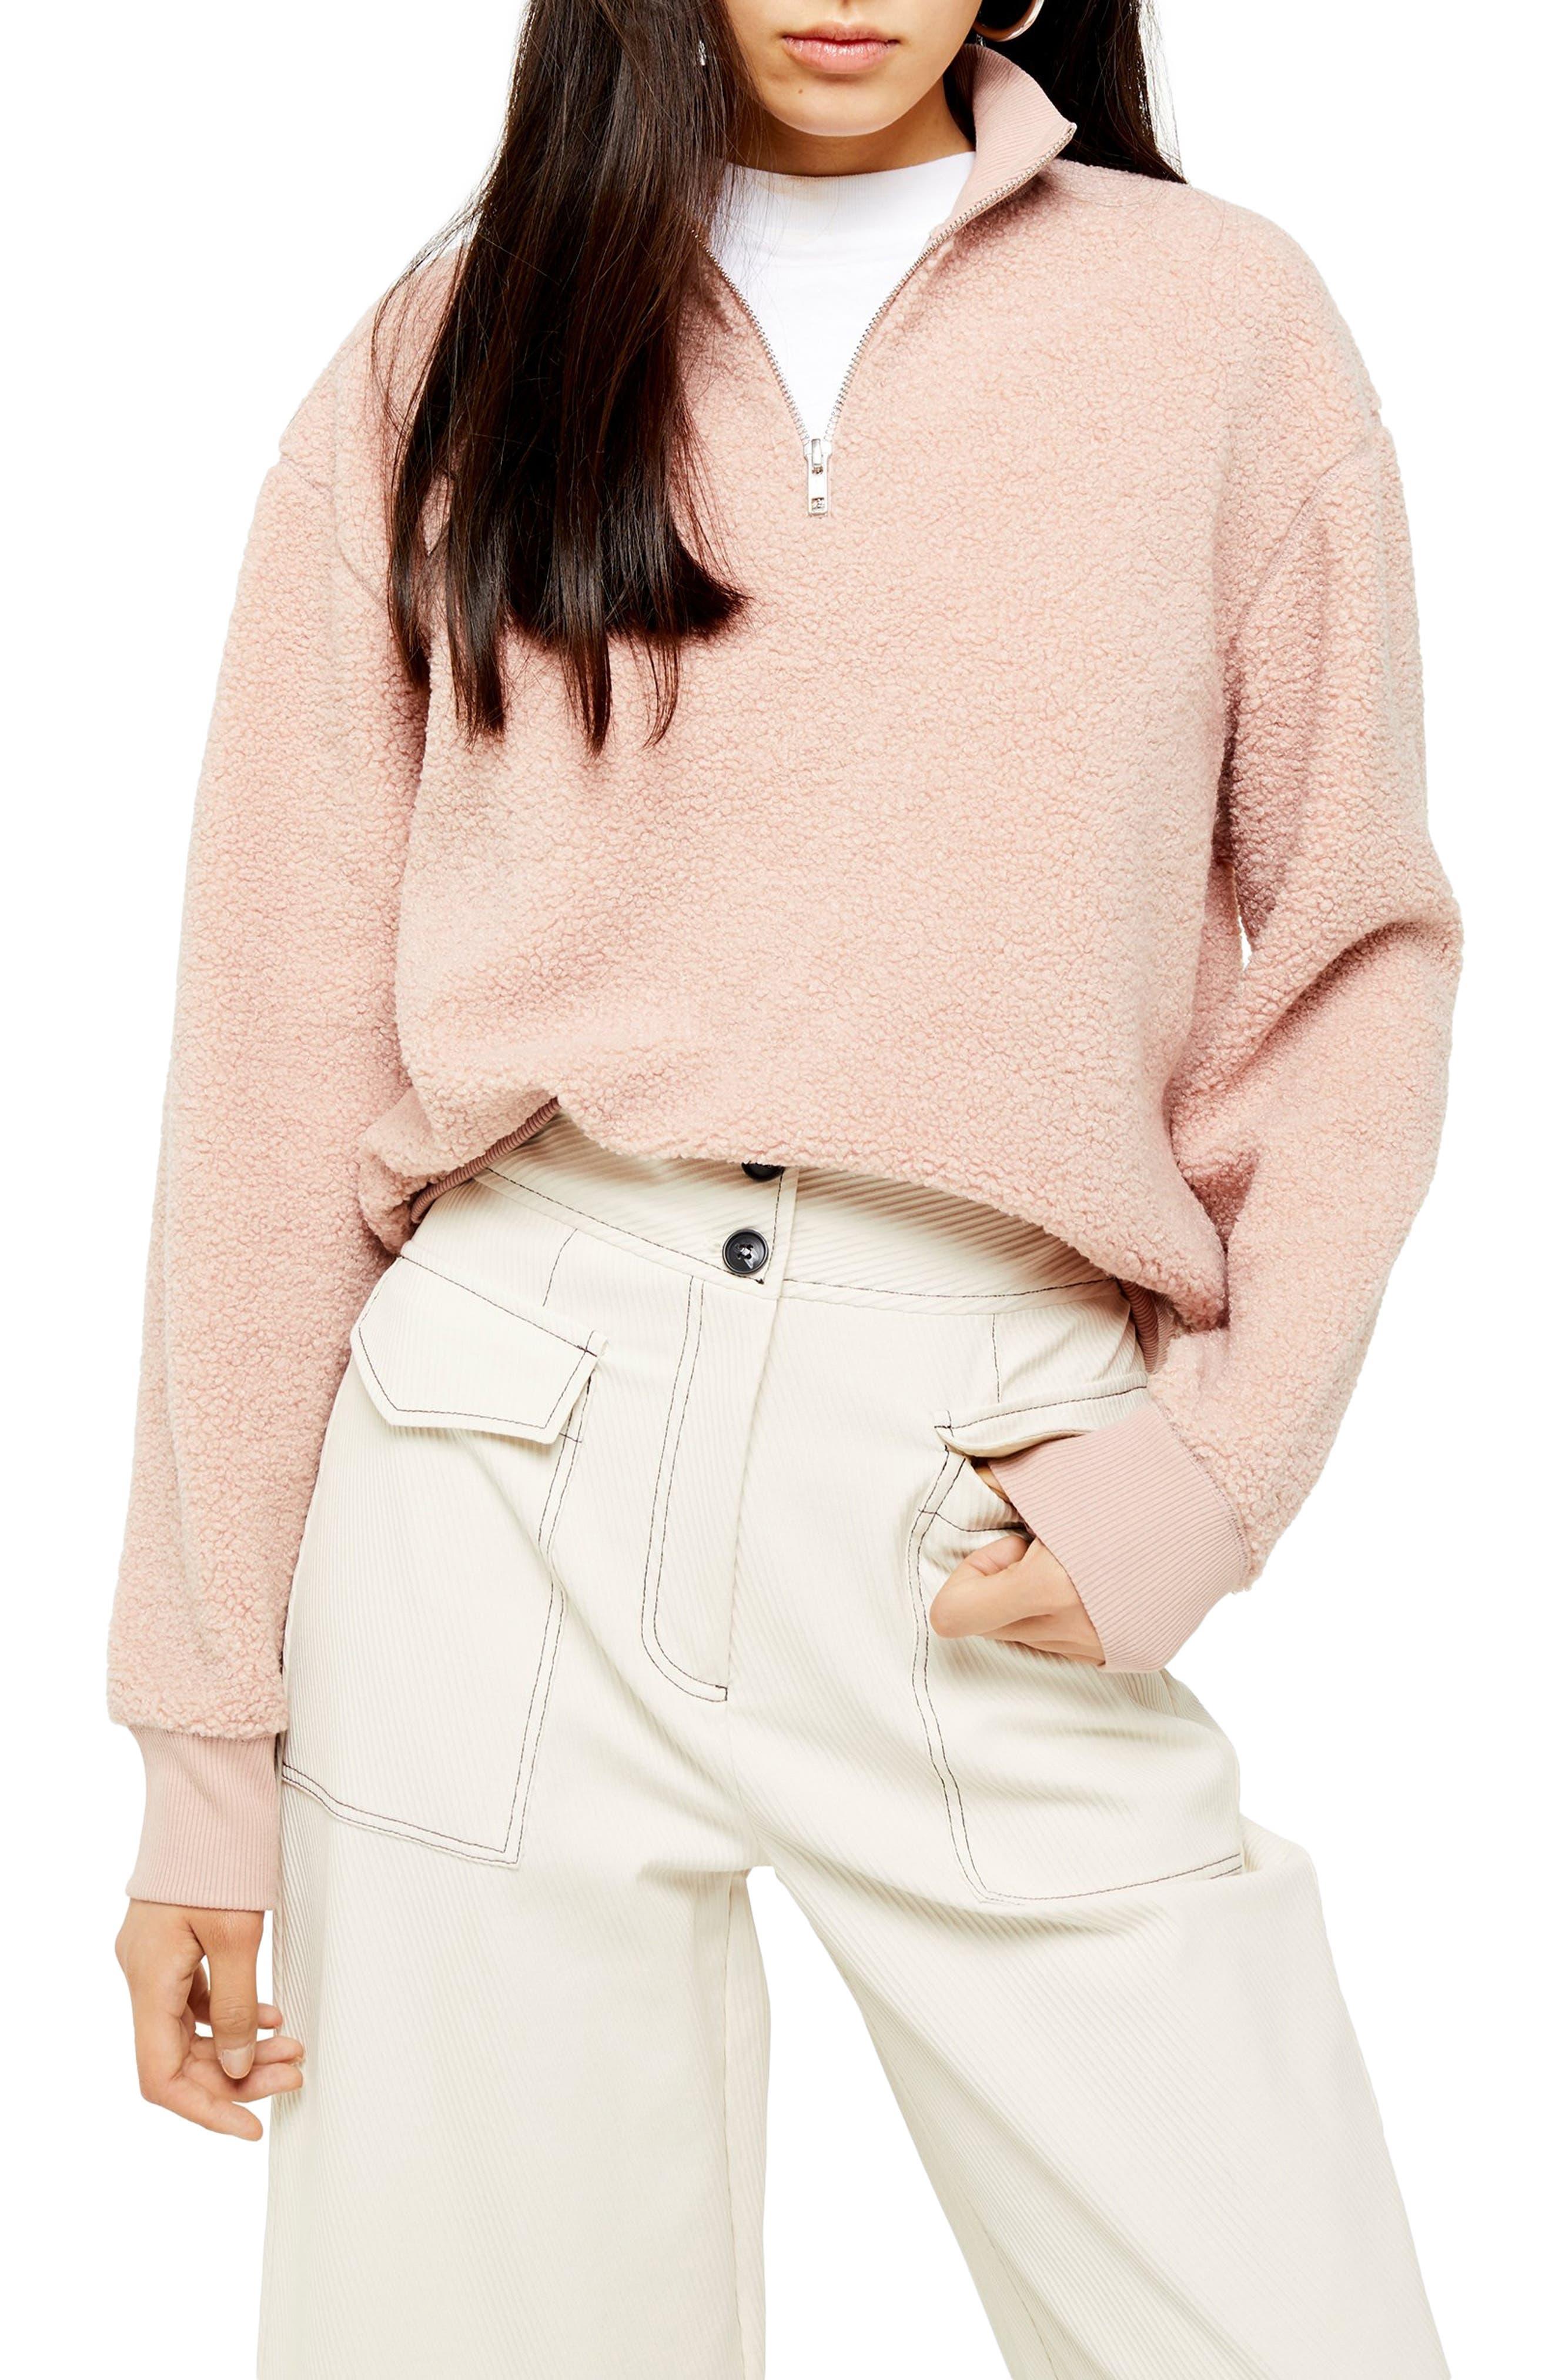 Topshop Half Zip Funnel Neck Sweatshirt (Regular & Petite)